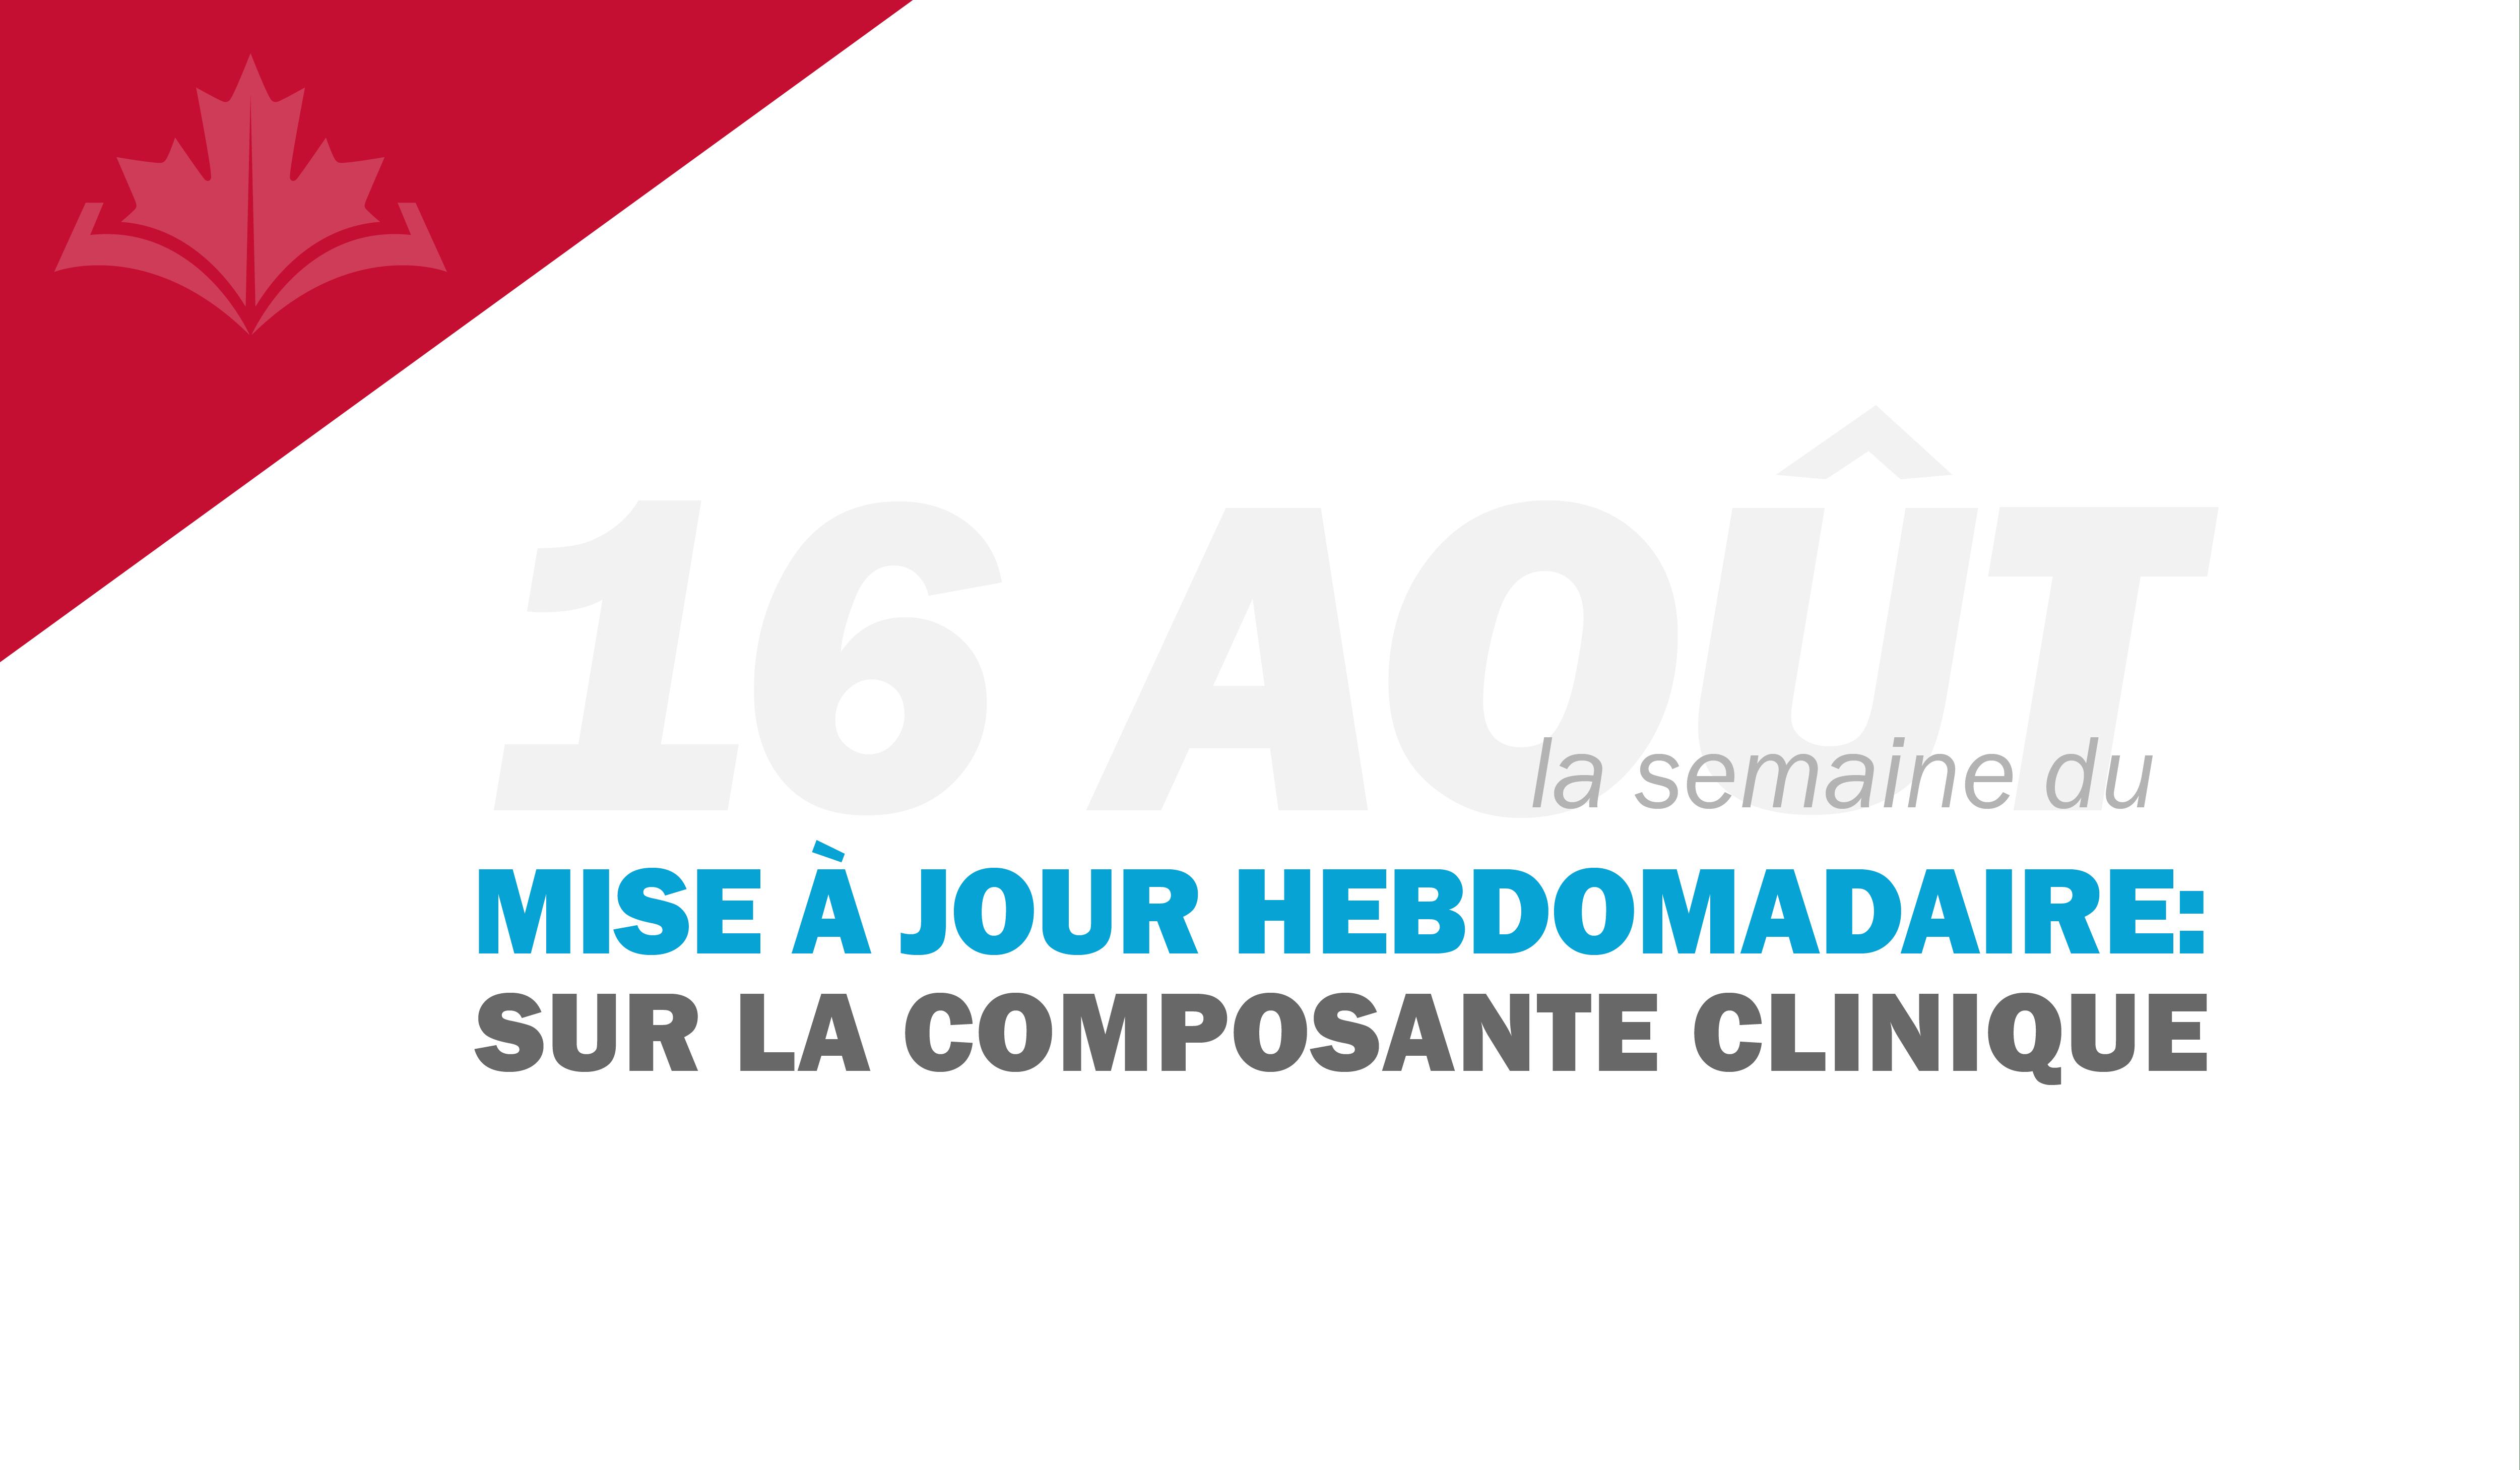 Bulletin concernant la composante clinique : semaine du 16 août 2021